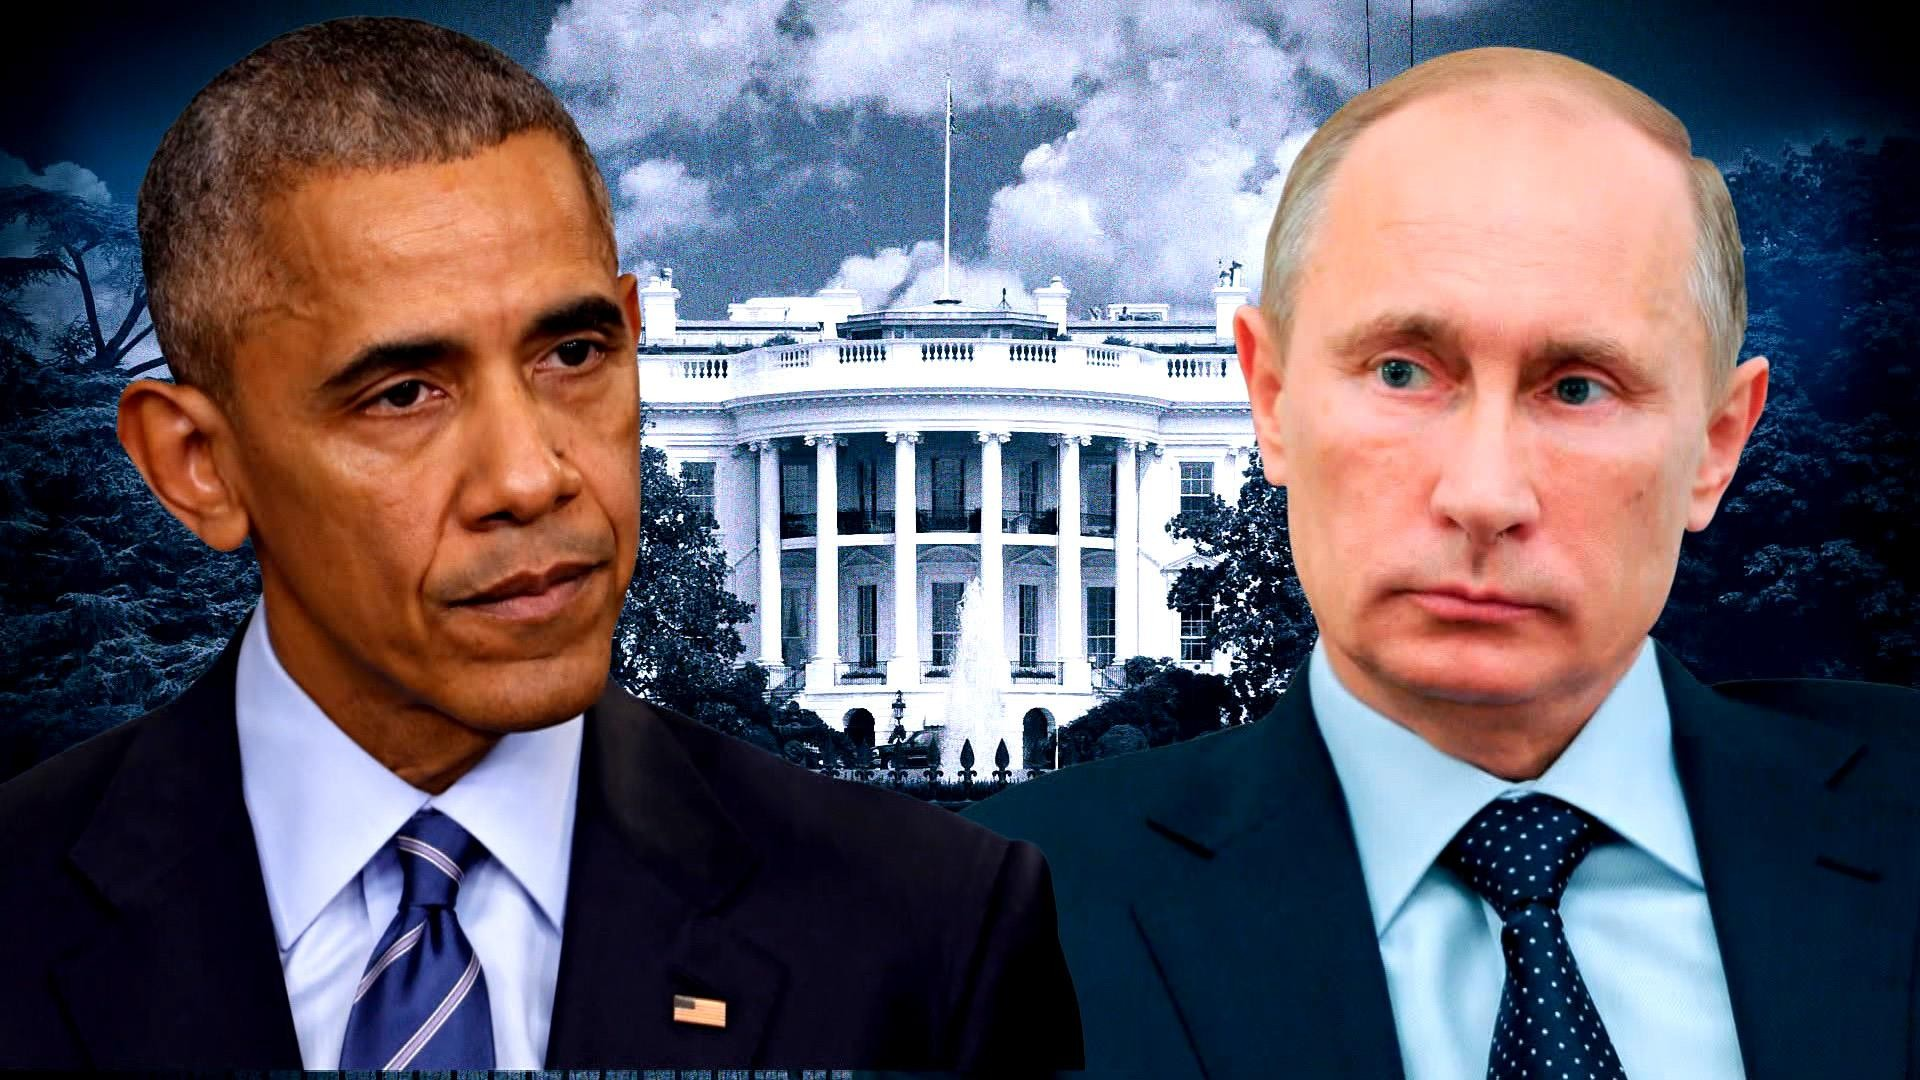 Некоторые республиканцы доверяют Владимиру Путину больше, чем демократам— Барак Обама